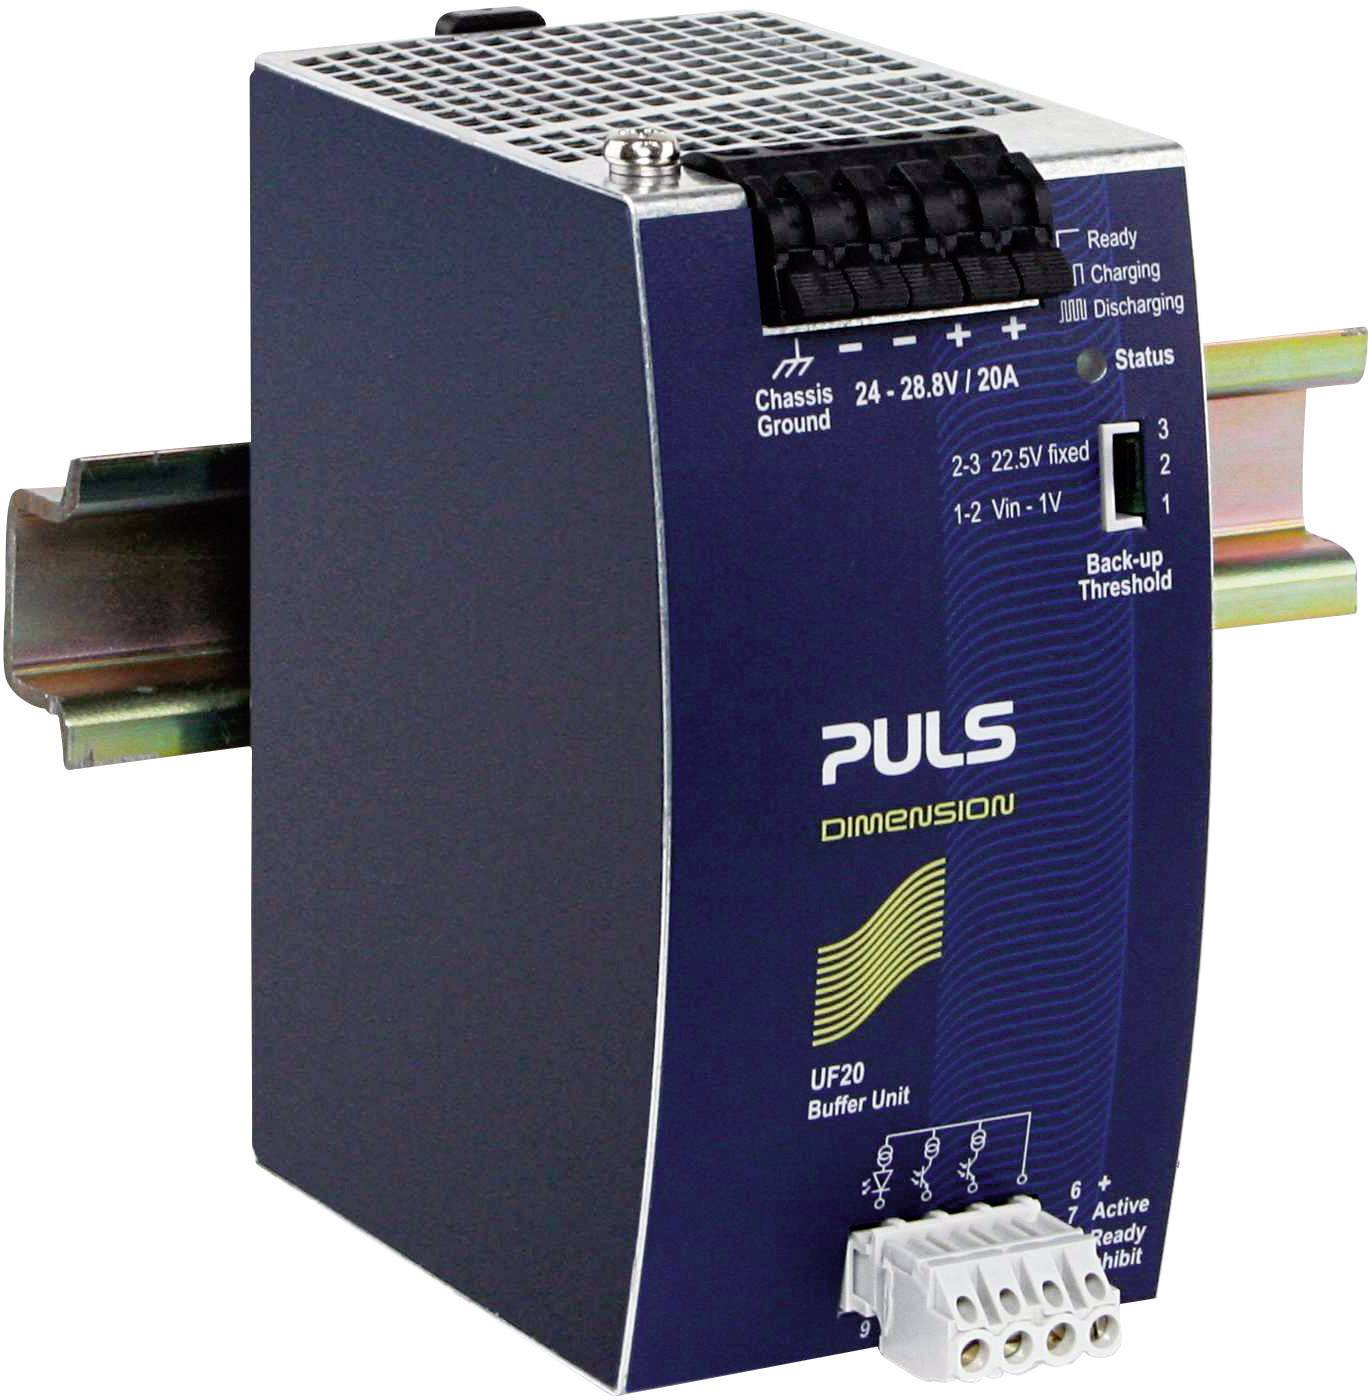 Úložisko energie PULS DIMENSION UF20.241 UF20.241